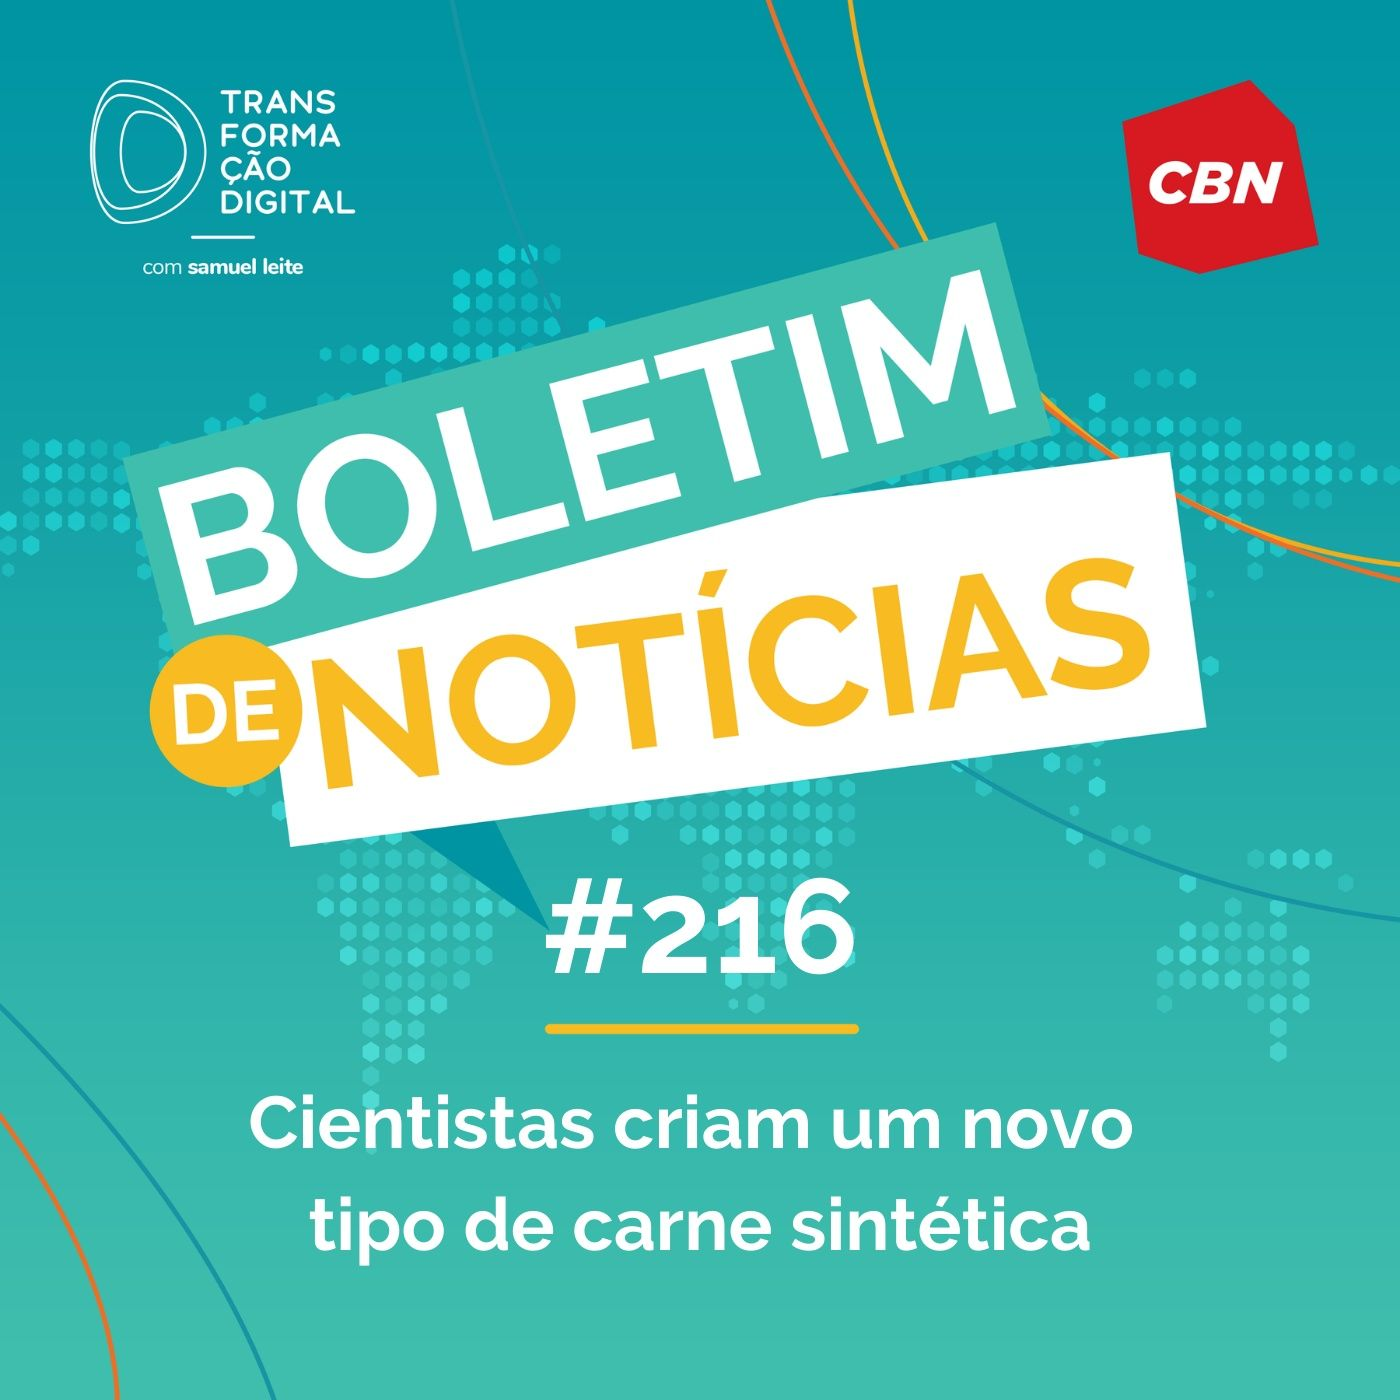 Transformação Digital CBN - Boletim de Notícias #216 - Cientistas criam novo tipo de carne sintética